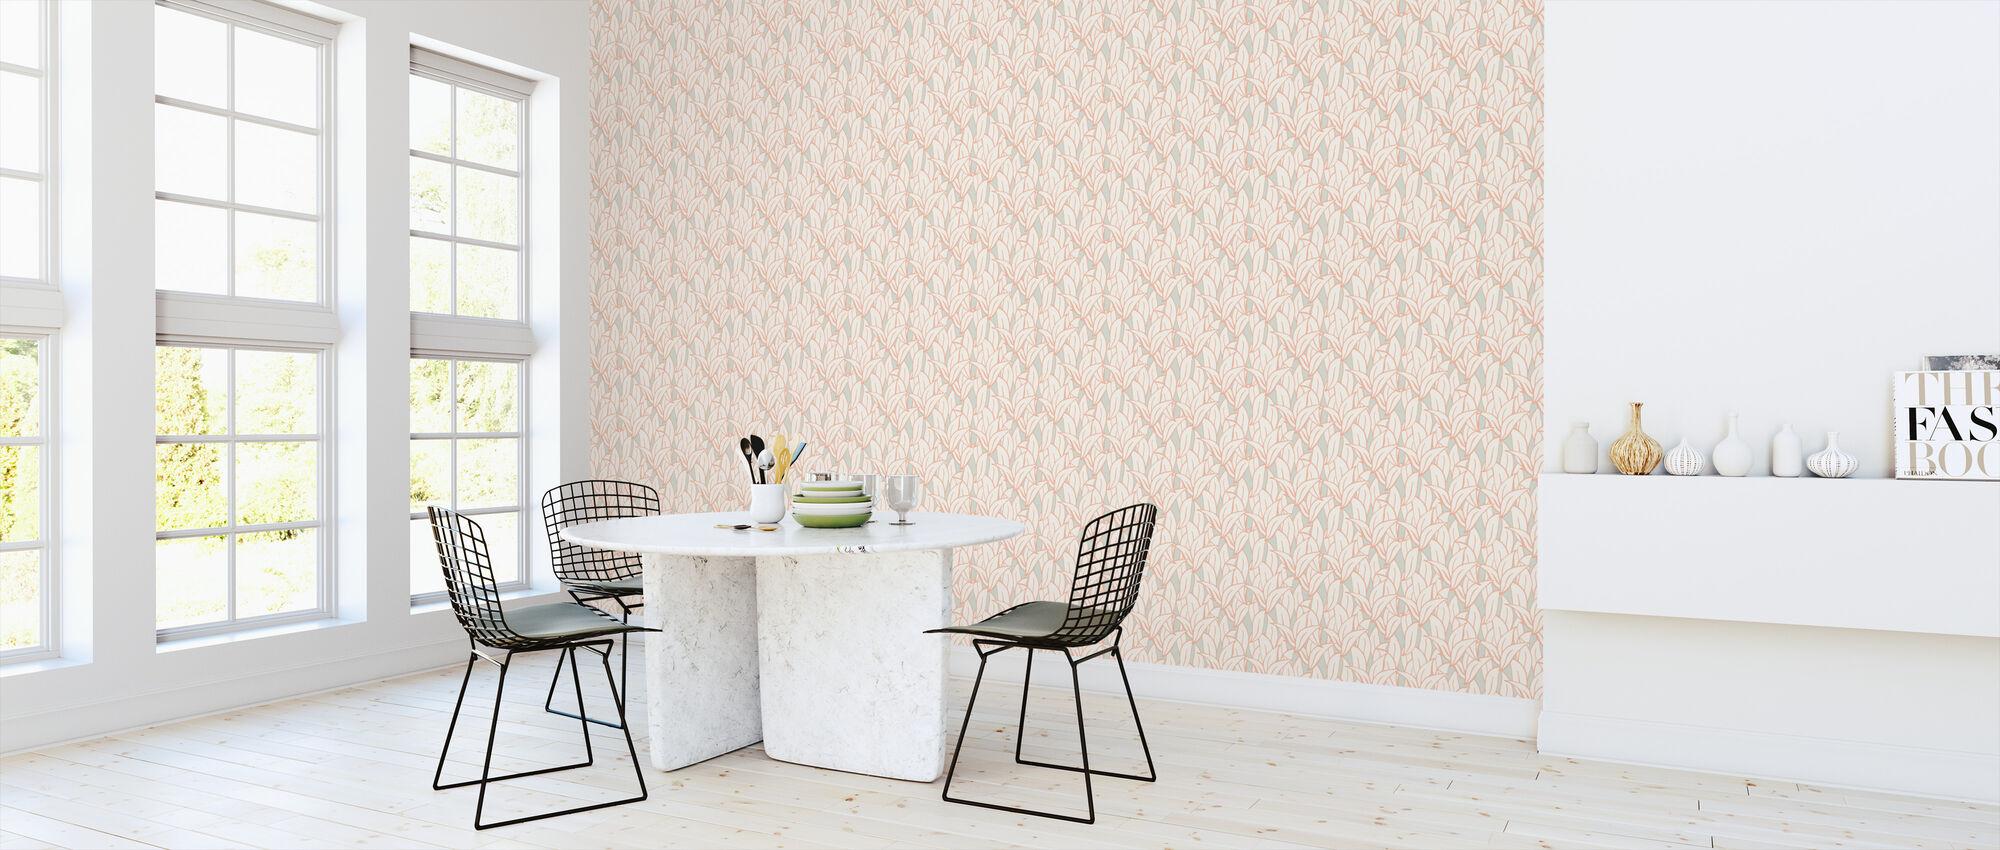 Mostly Leafs Orange Dream - Wallpaper - Kitchen